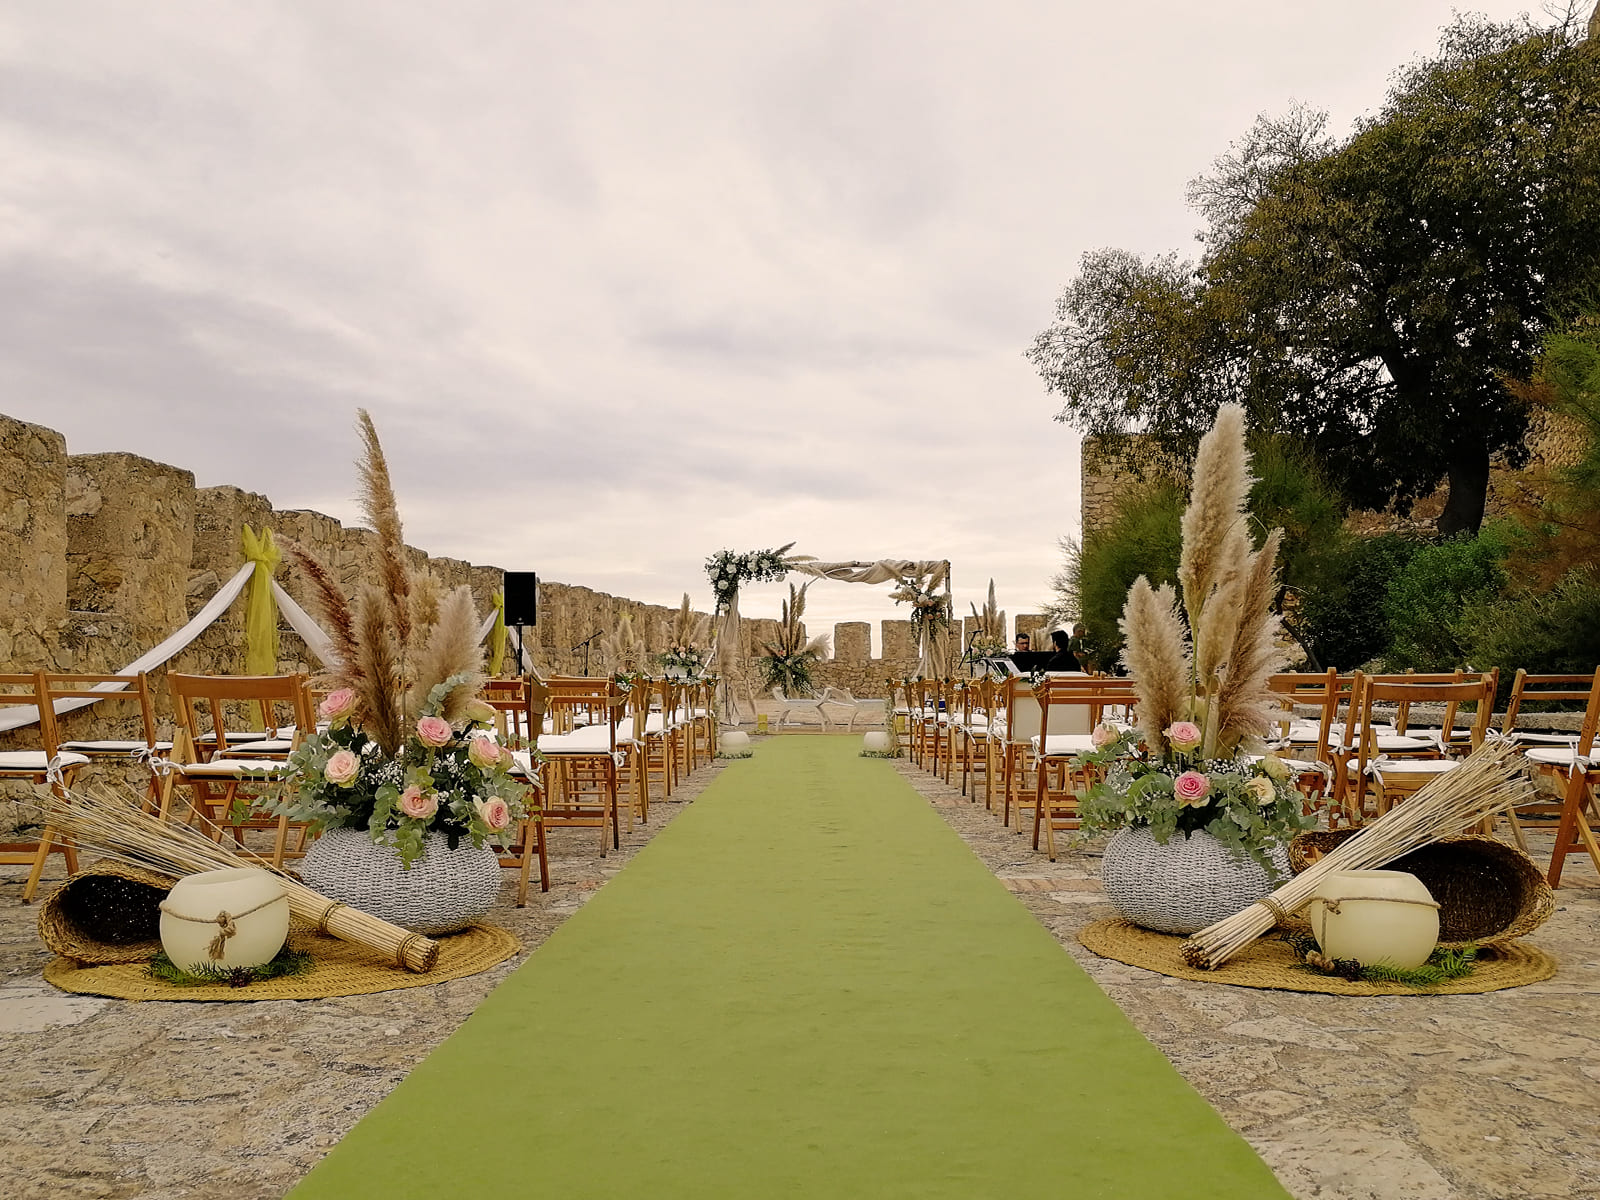 boda-civil-castillo-tonos-verdes-LJ-03_HIDROJARDIN-Bañeres